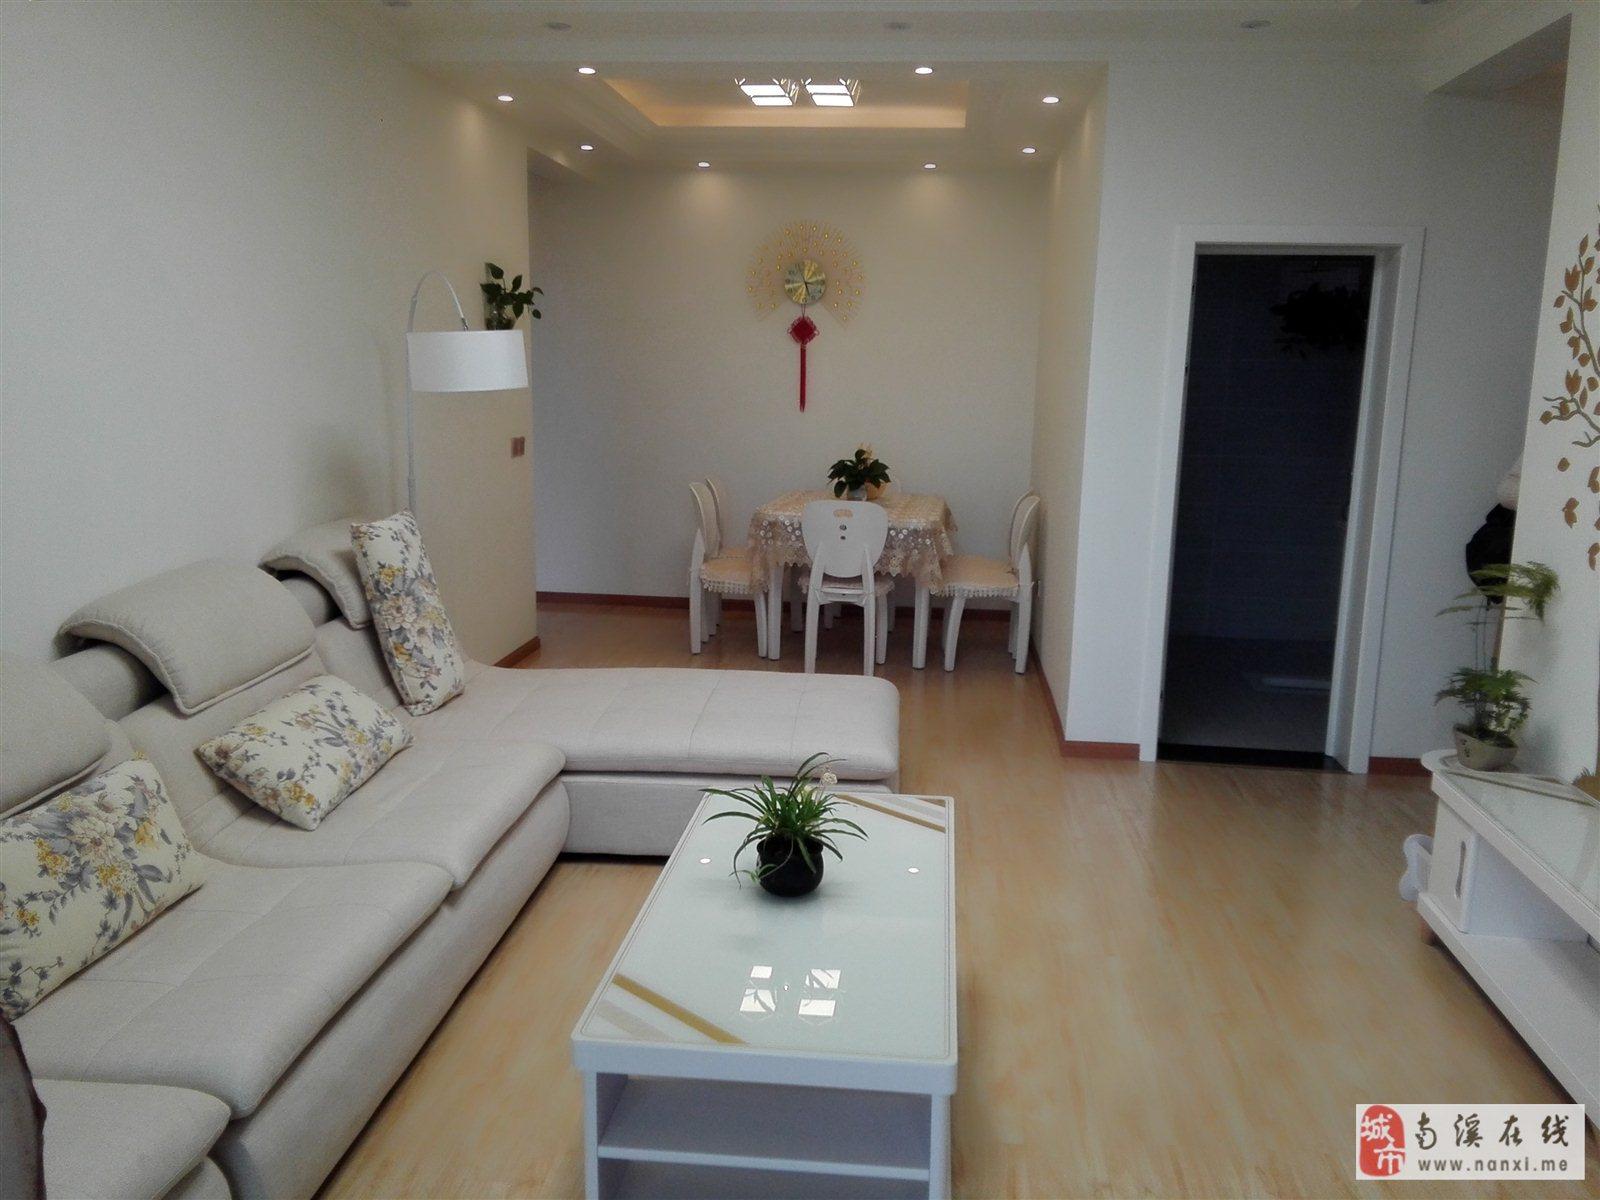 热门小区 一线江景房来了 精装3室 拎包入住 可按揭